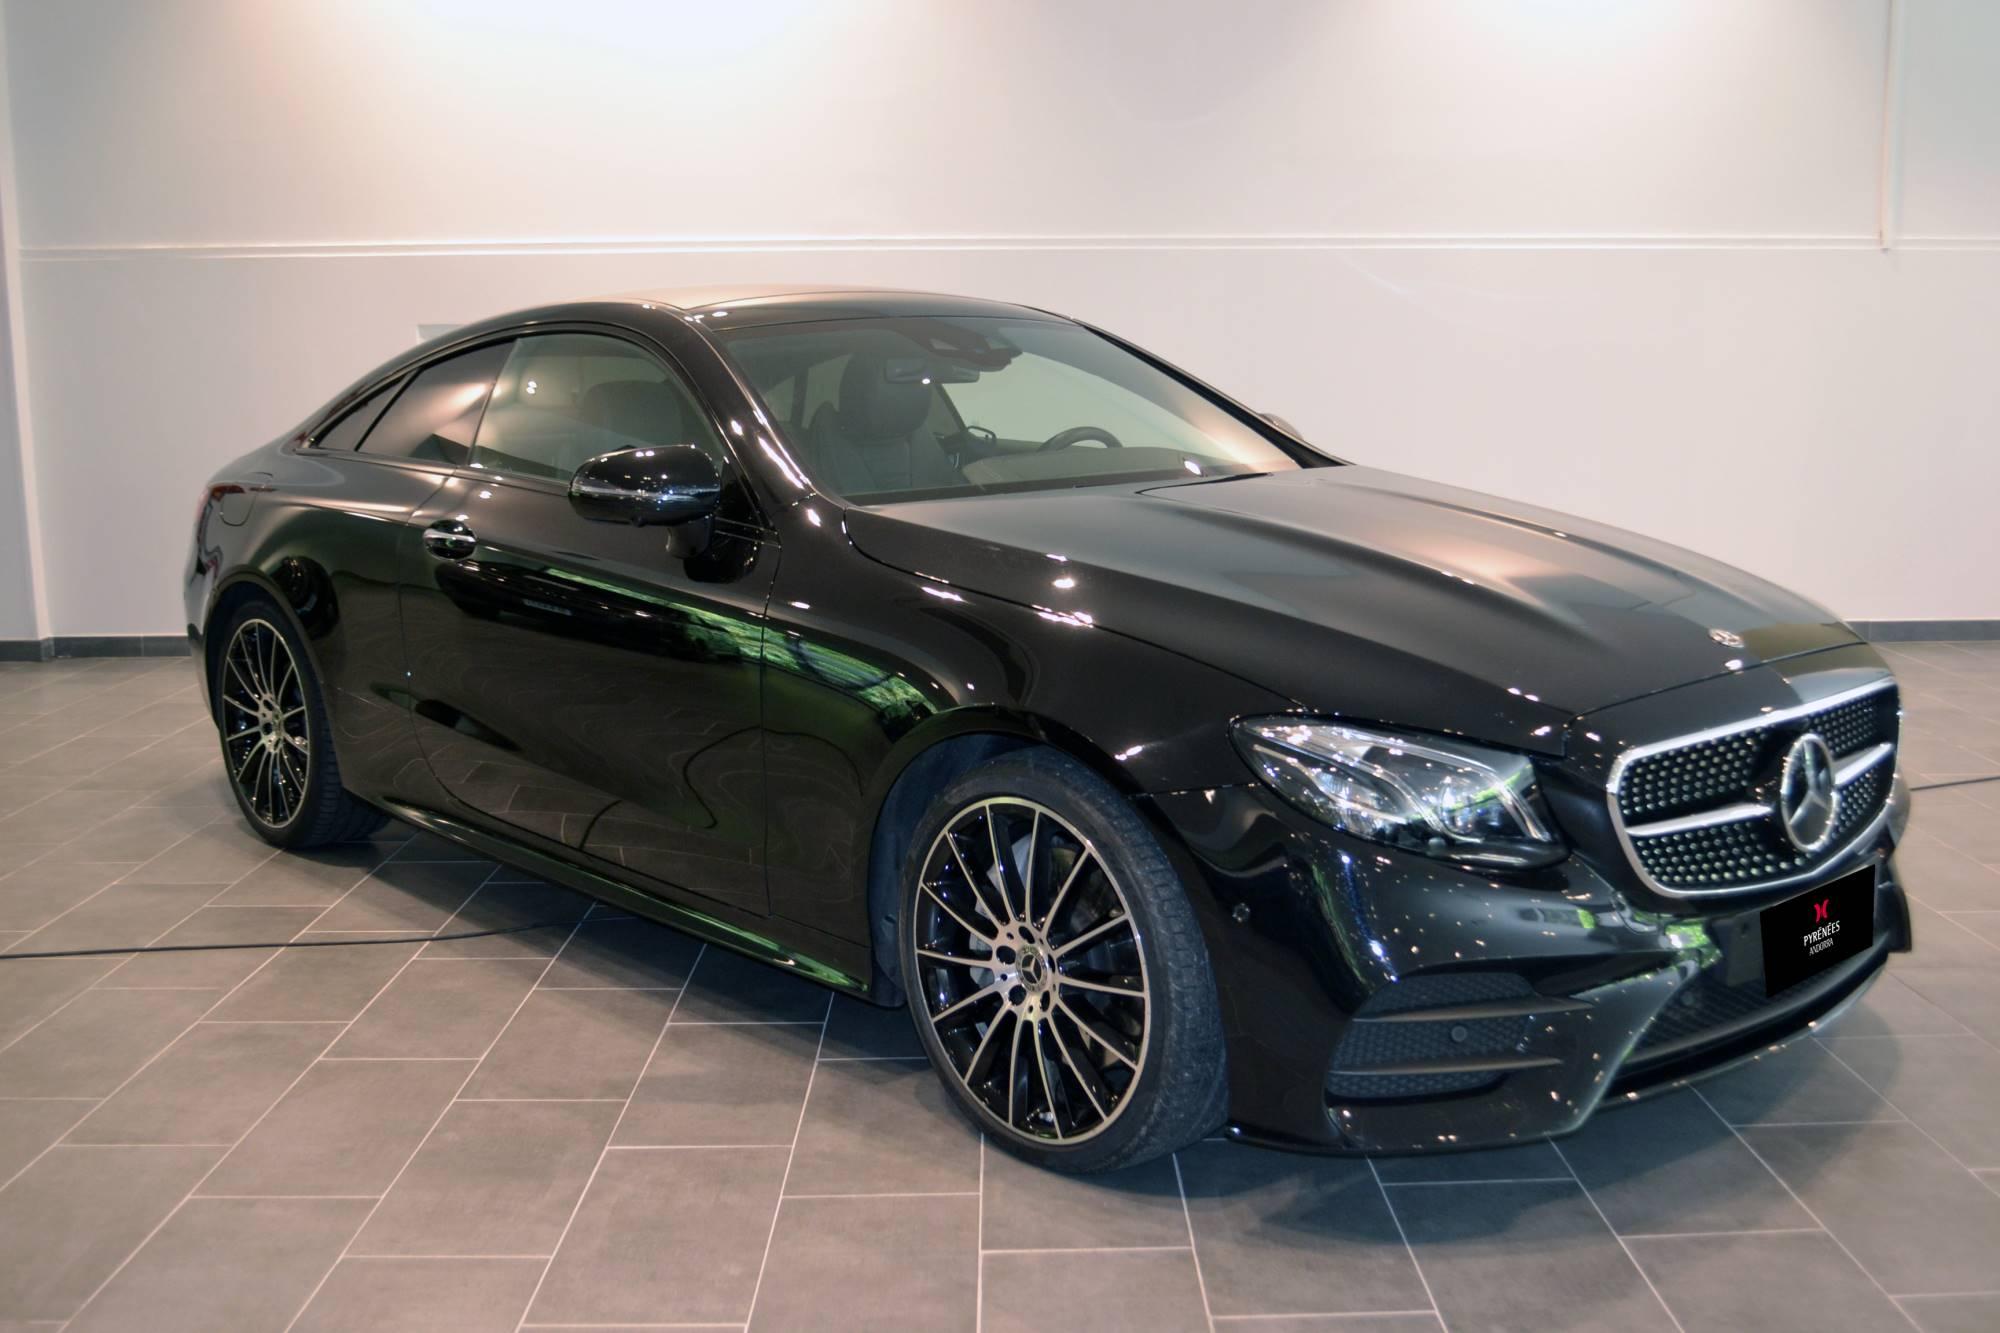 Mercedes-Benz - Classe E - 400 d 4M 400 d 4M Dièsel  2020  54.544 Km